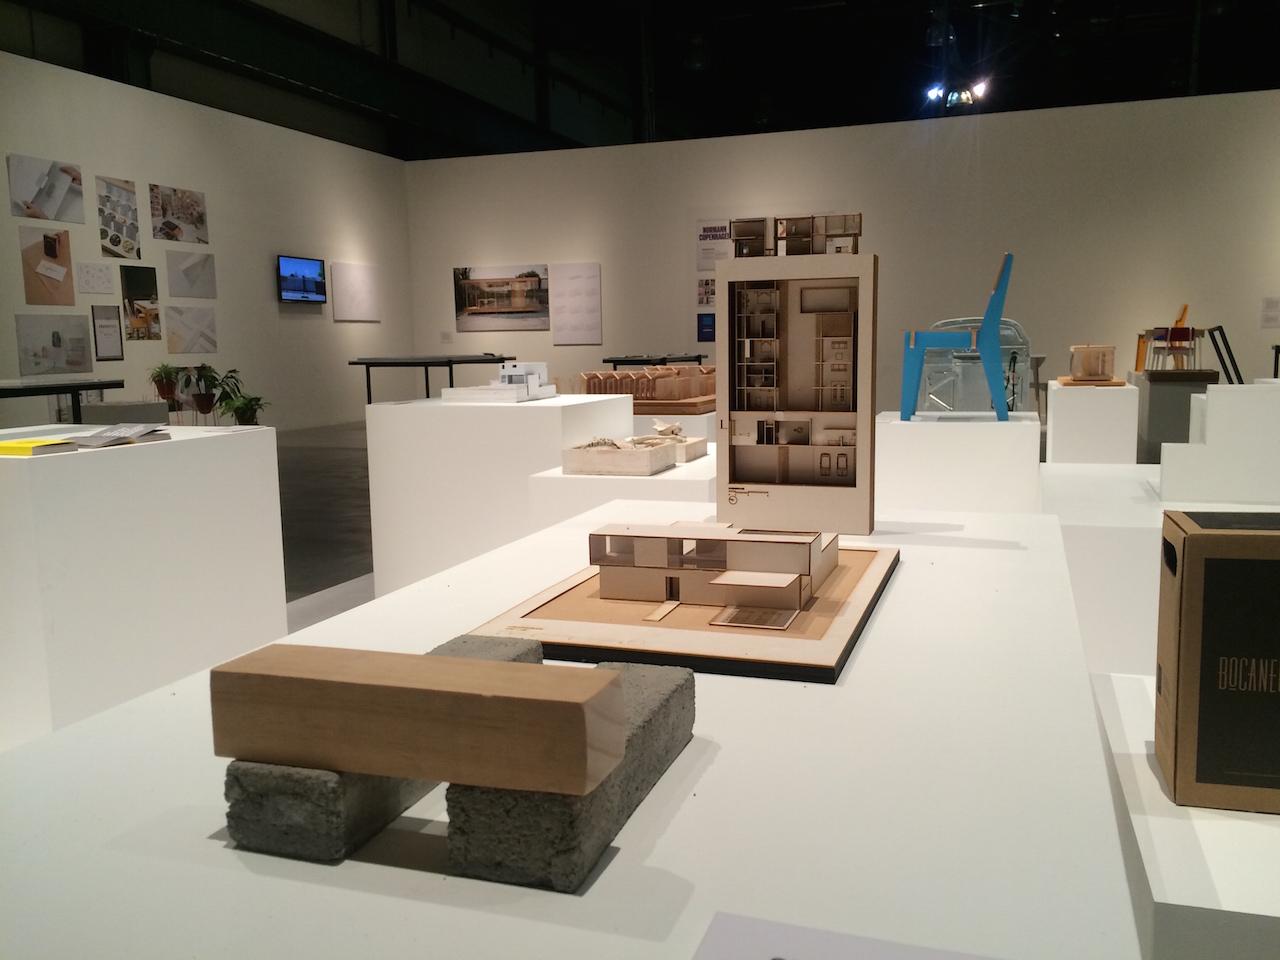 Regional una retrospectiva de dise o y arquitectura en for Arquitectura o diseno industrial